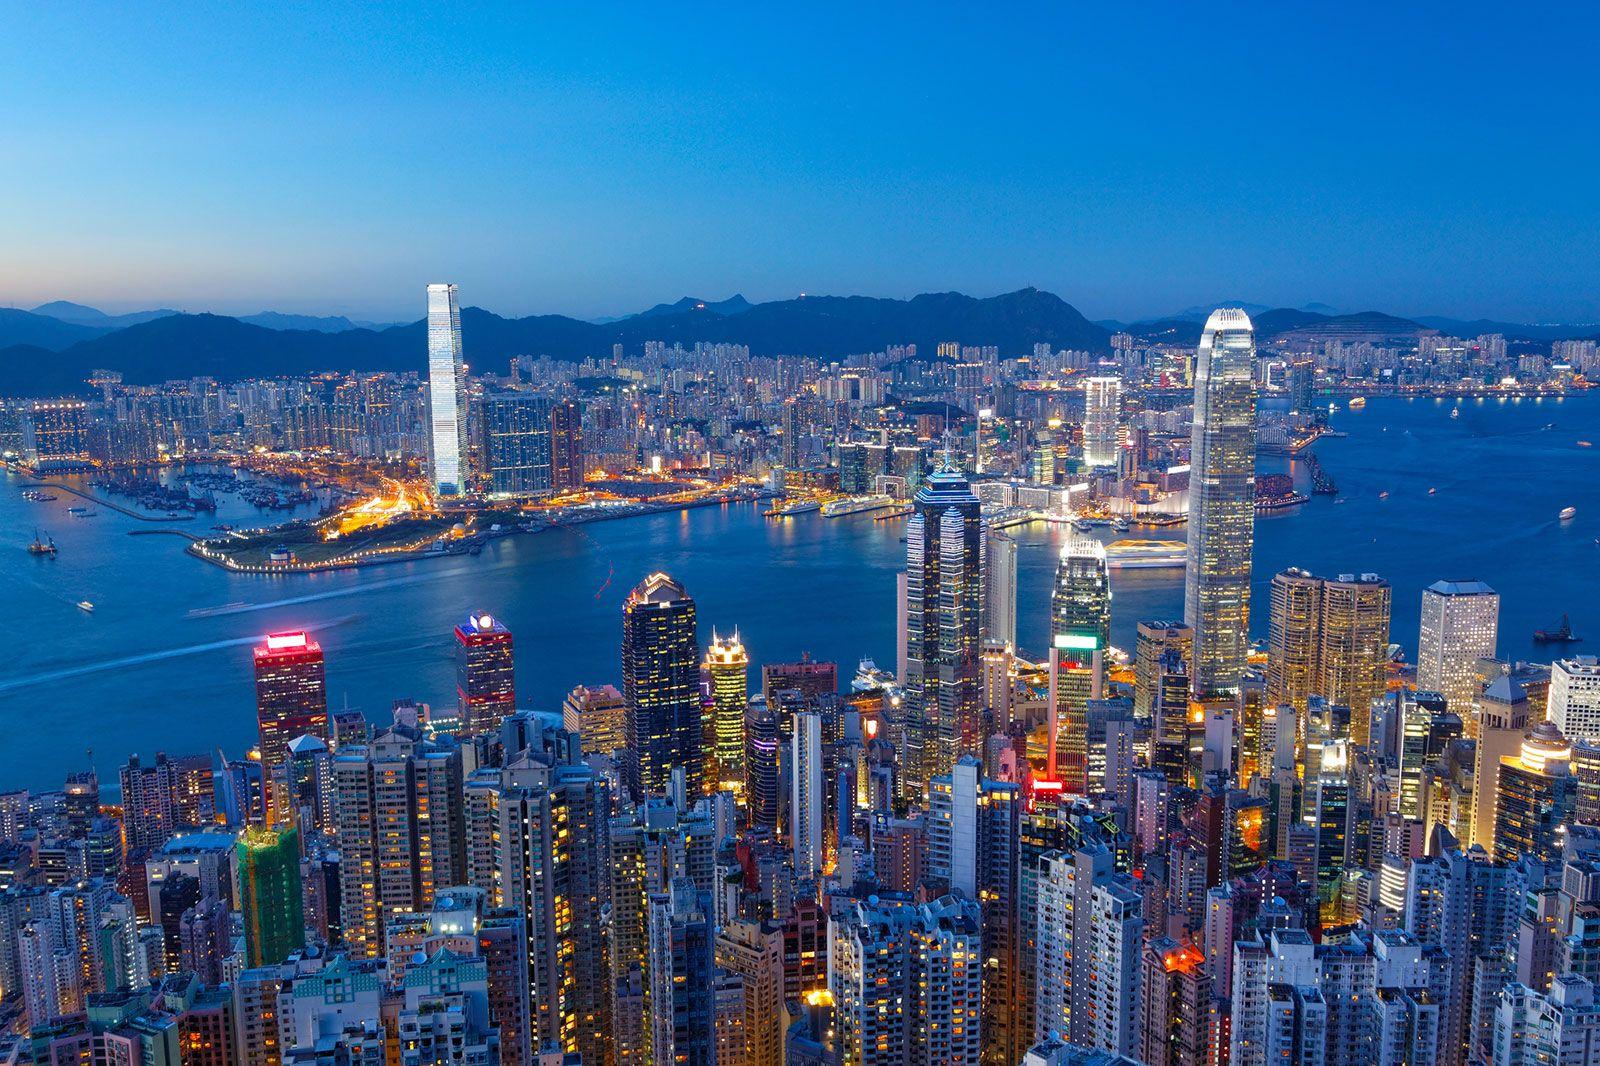 Hong Kong skyline overlooking Victoria Harbour